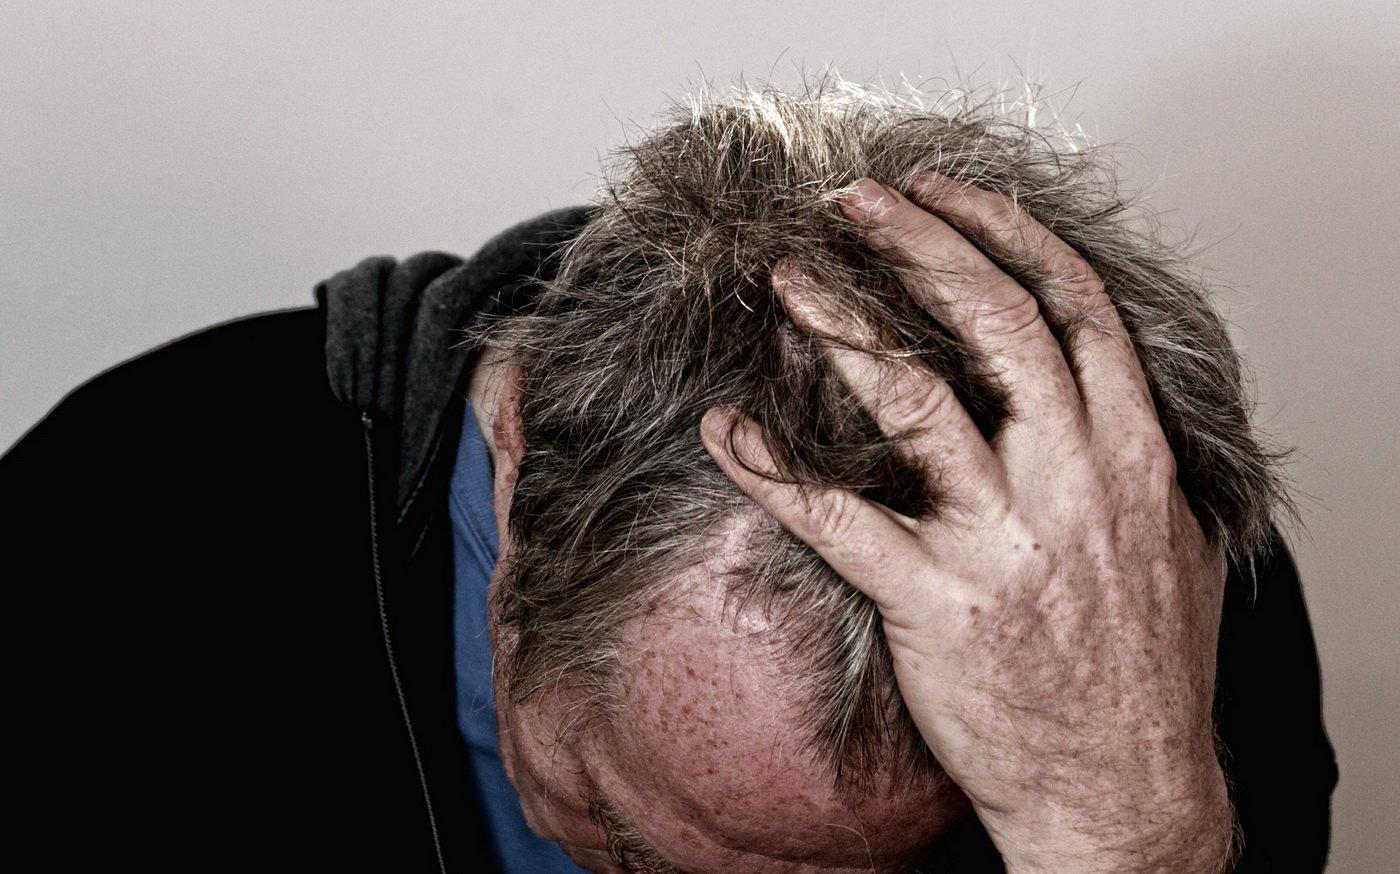 Češi jsou nejnezdravější národ na světě, může za to alkohol, cigarety a obezita - anotační obrázek